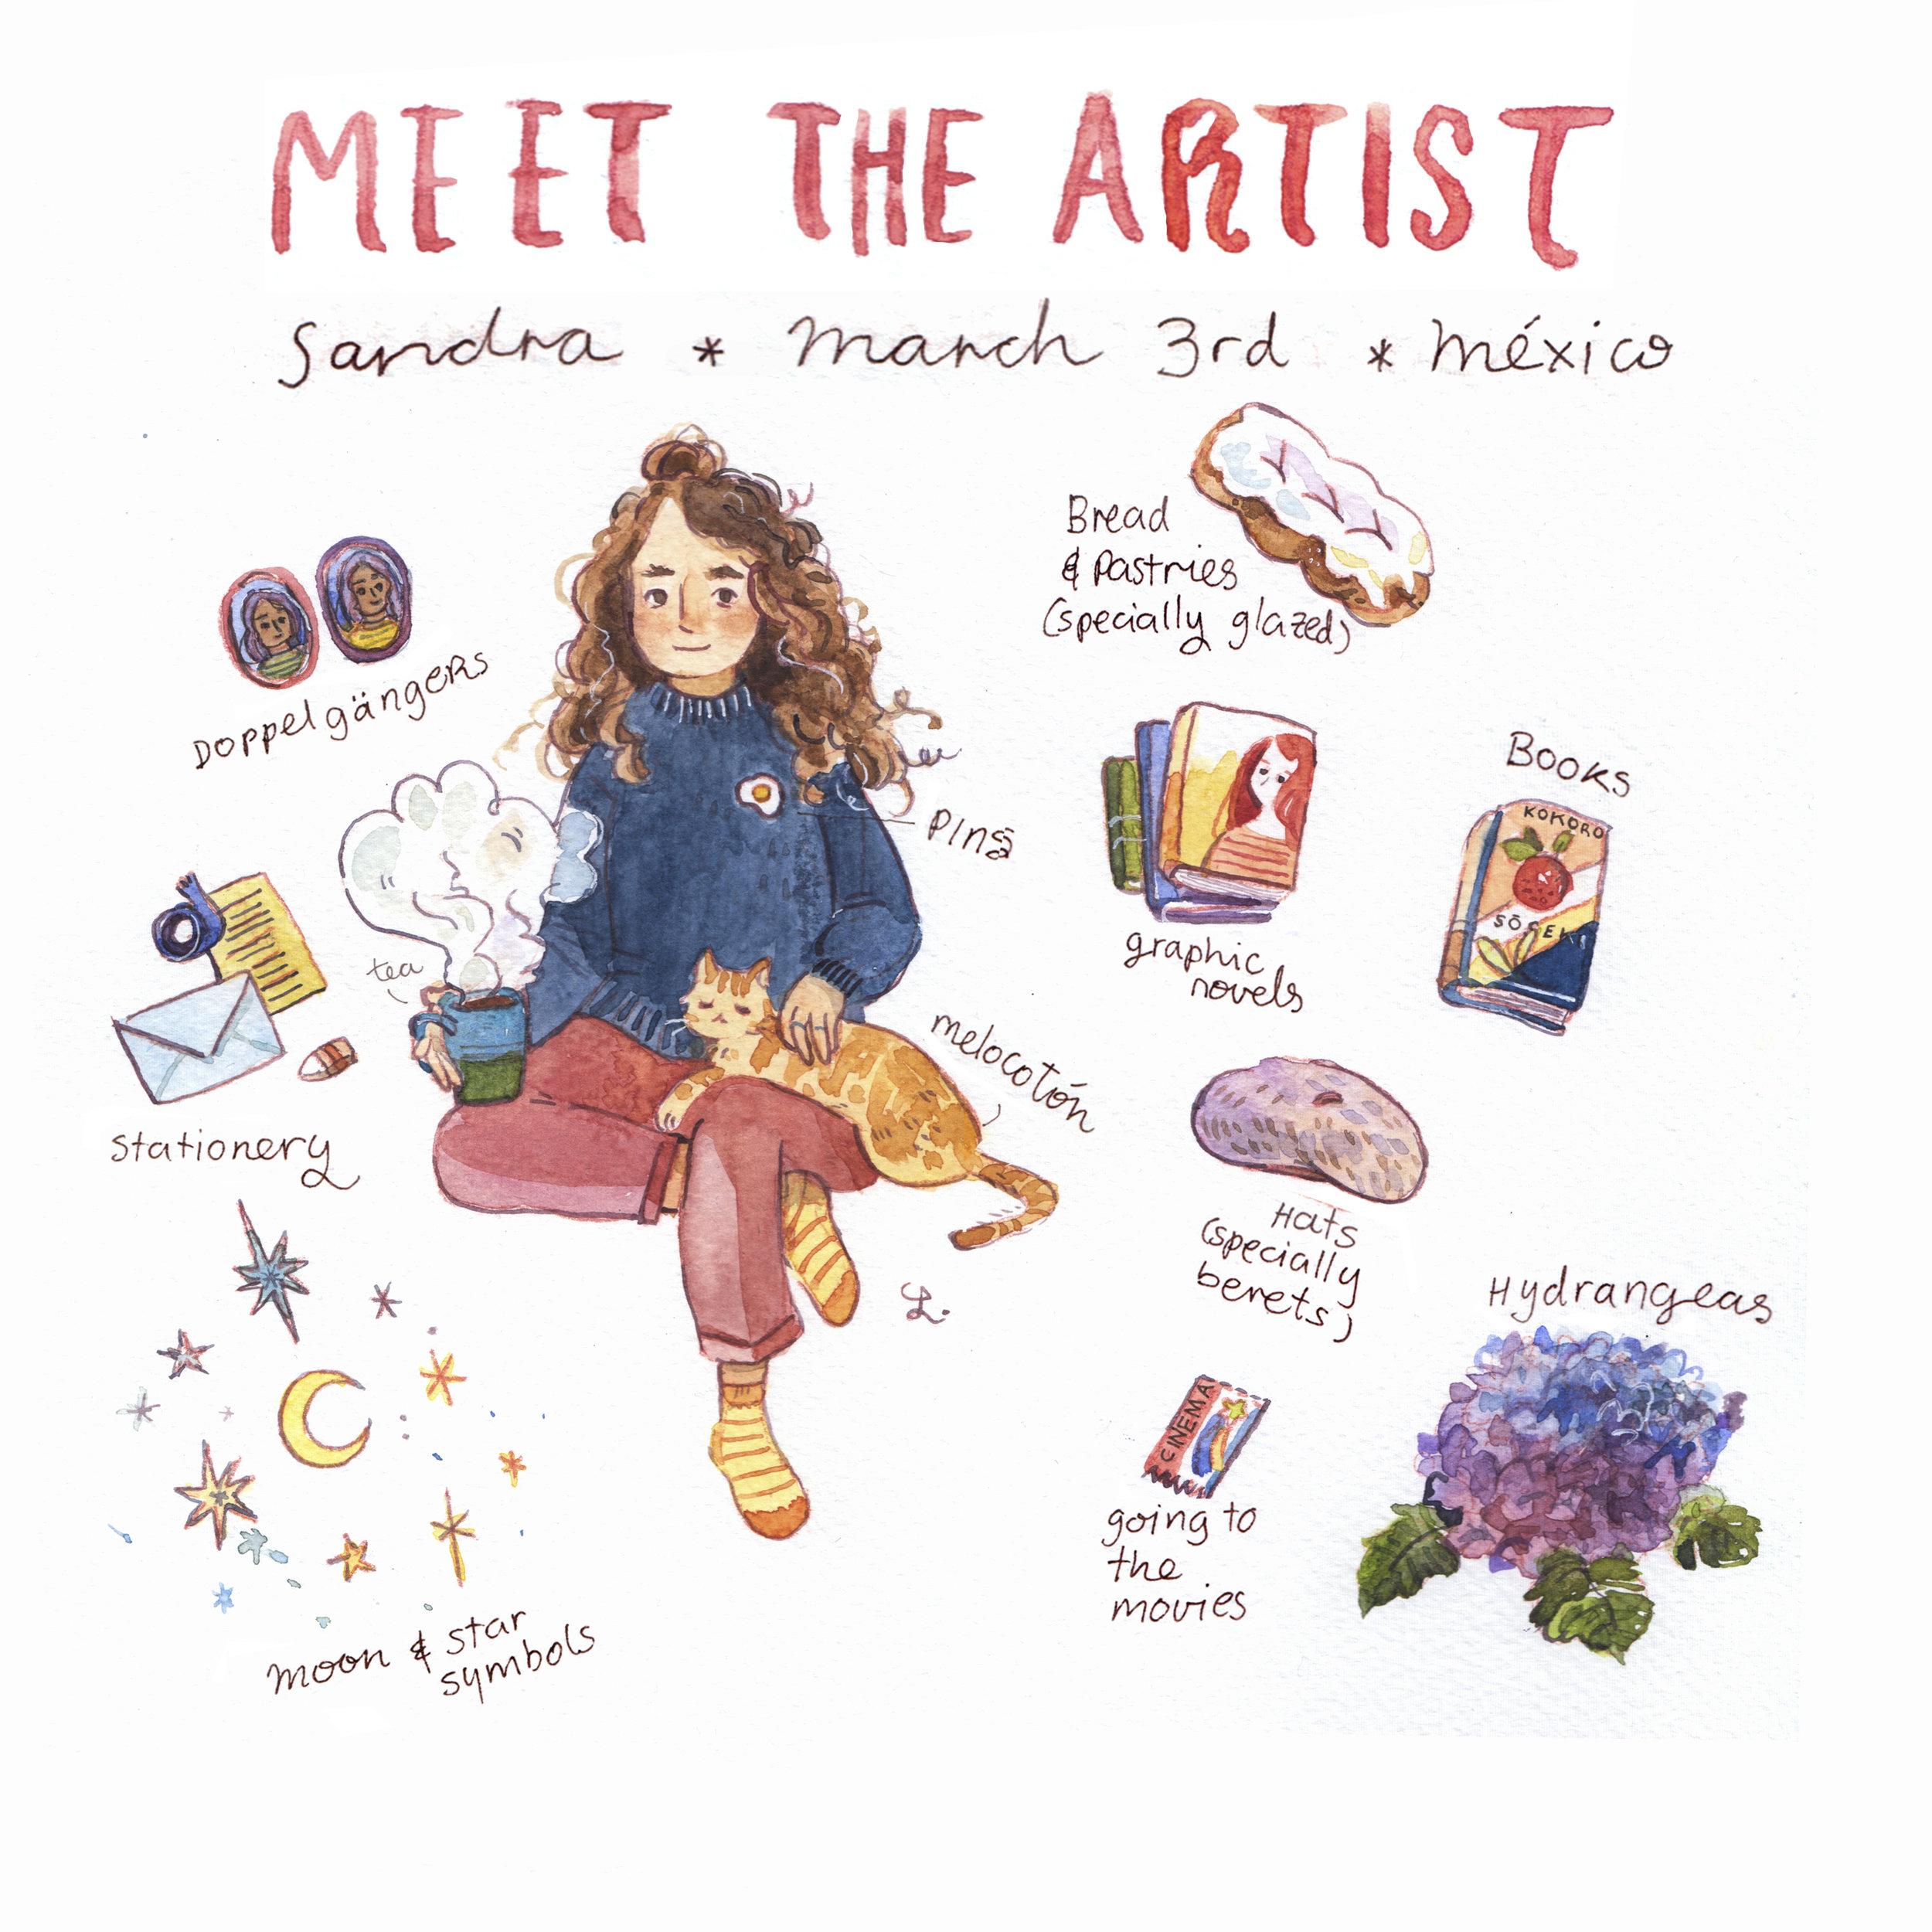 meet the artist 2019.jpg